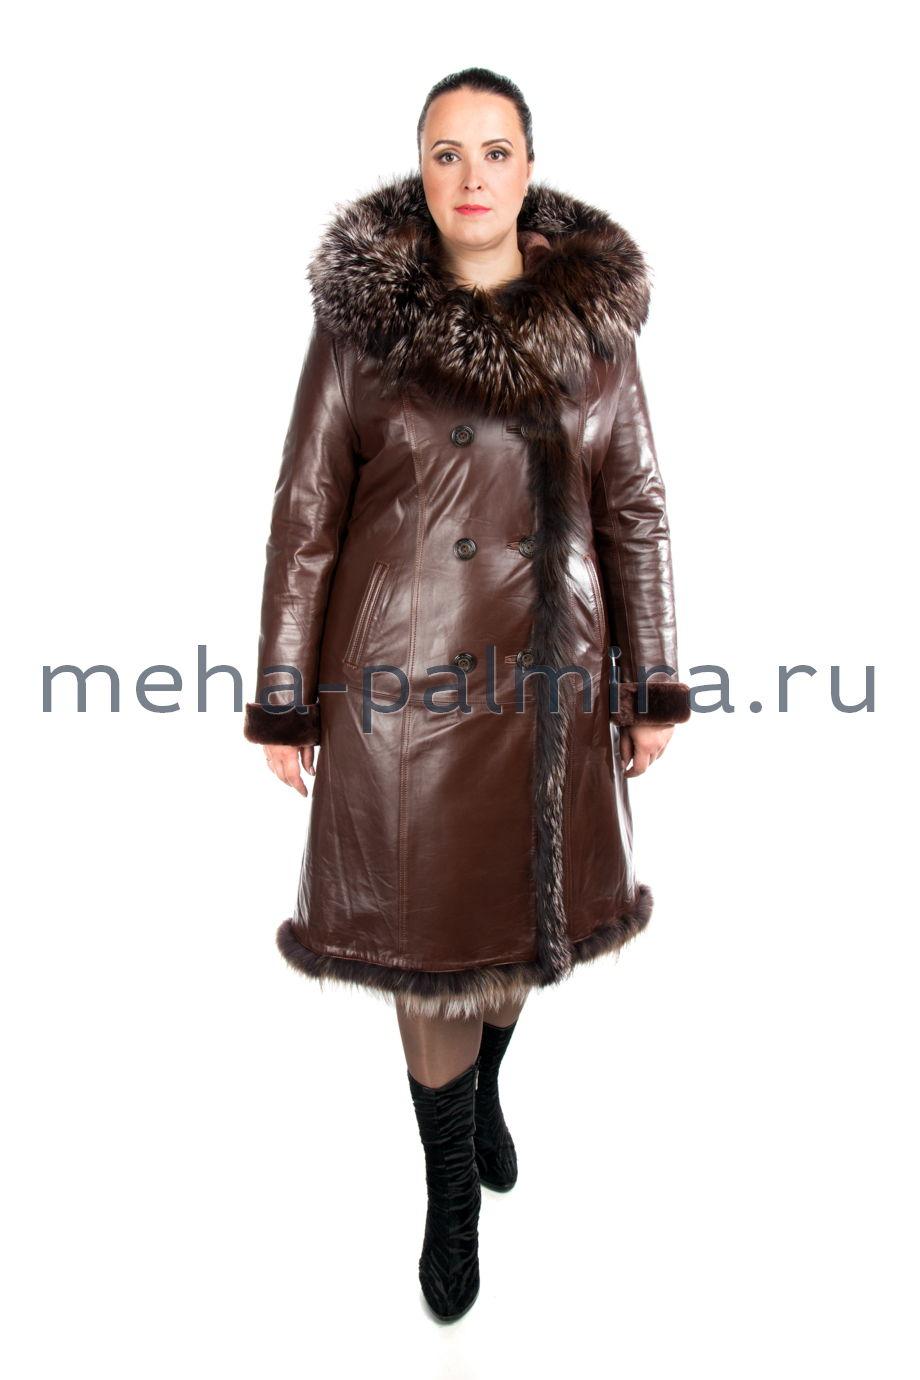 Женская дубленка коричневого цвета на овчине с капюшоном